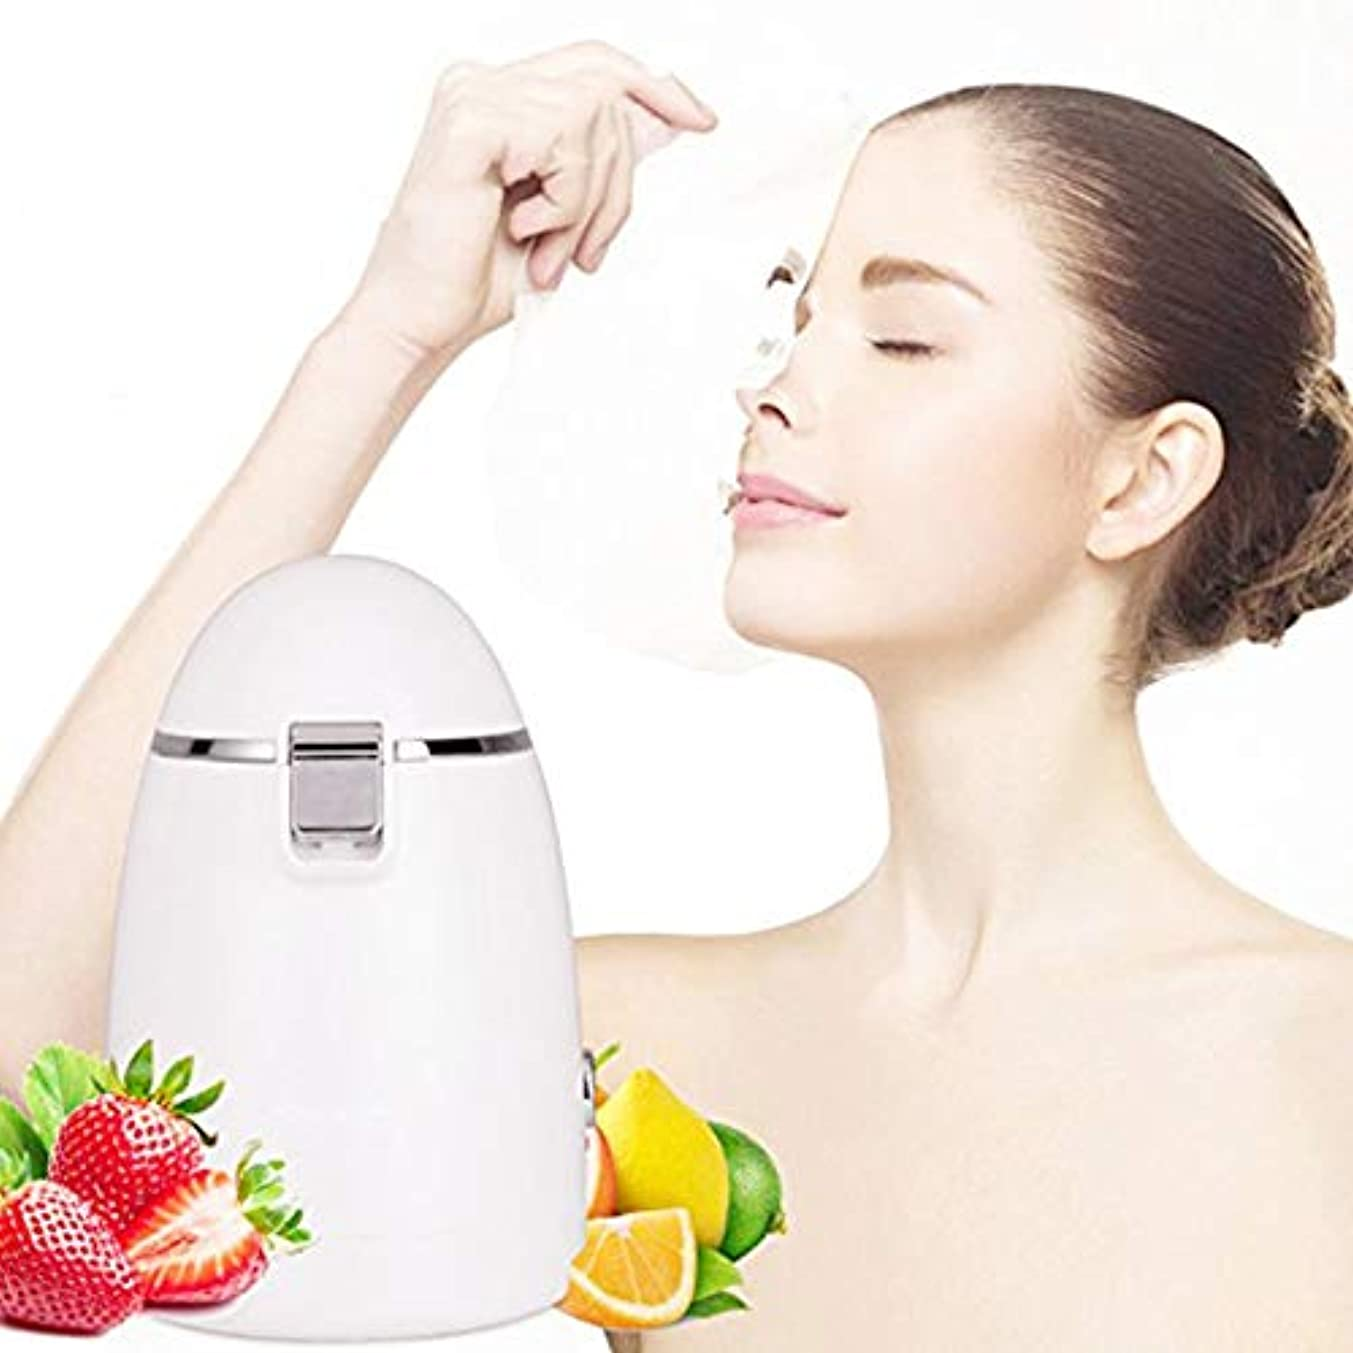 排泄するコットンランプマスクマシン、自家製家庭用マスクマシン自動多機能攪拌加熱果物と野菜 DIY マスクフルーツマスク